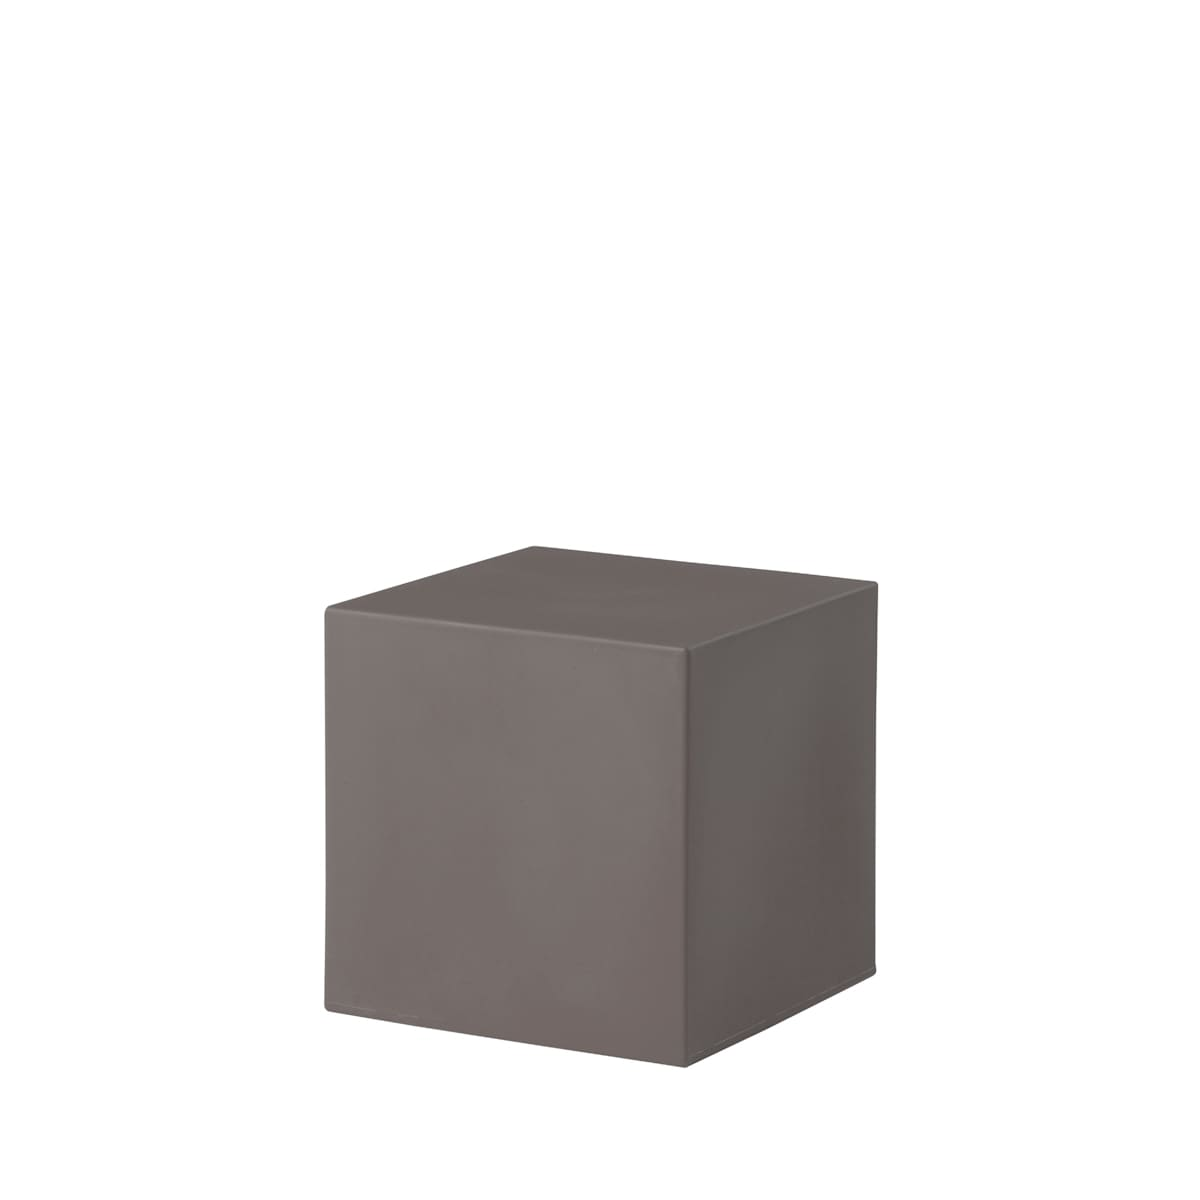 dunkelgraue cube würfel Bunte Wuerfel Outdoor - Cube Würfel beleuchtet